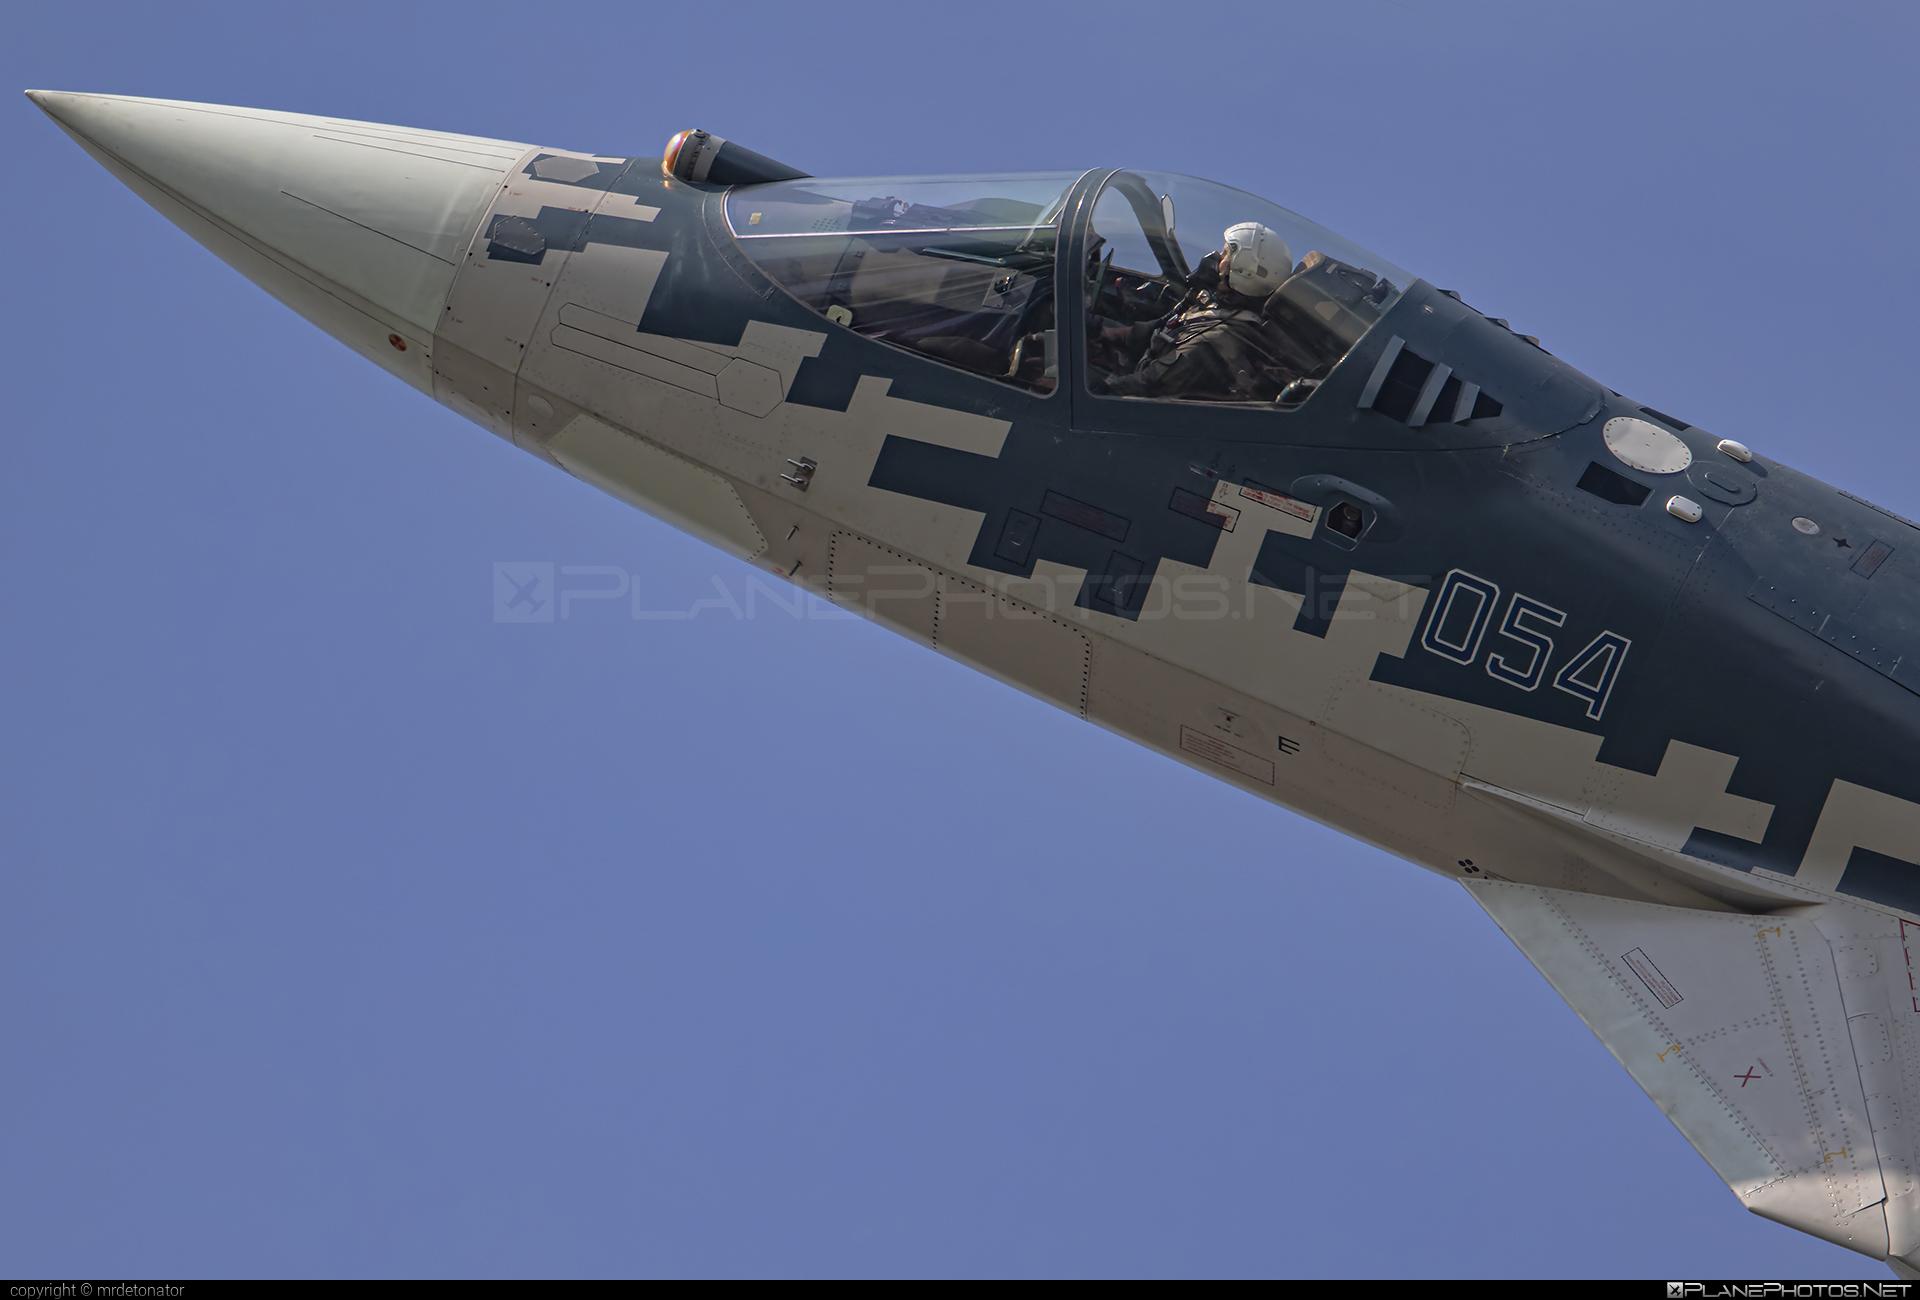 Sukhoi T-50 - 054 operated by Sukhoi Design Bureau #maks2019 #su57 #sukhoi #sukhoi57 #sukhoit50 #t50